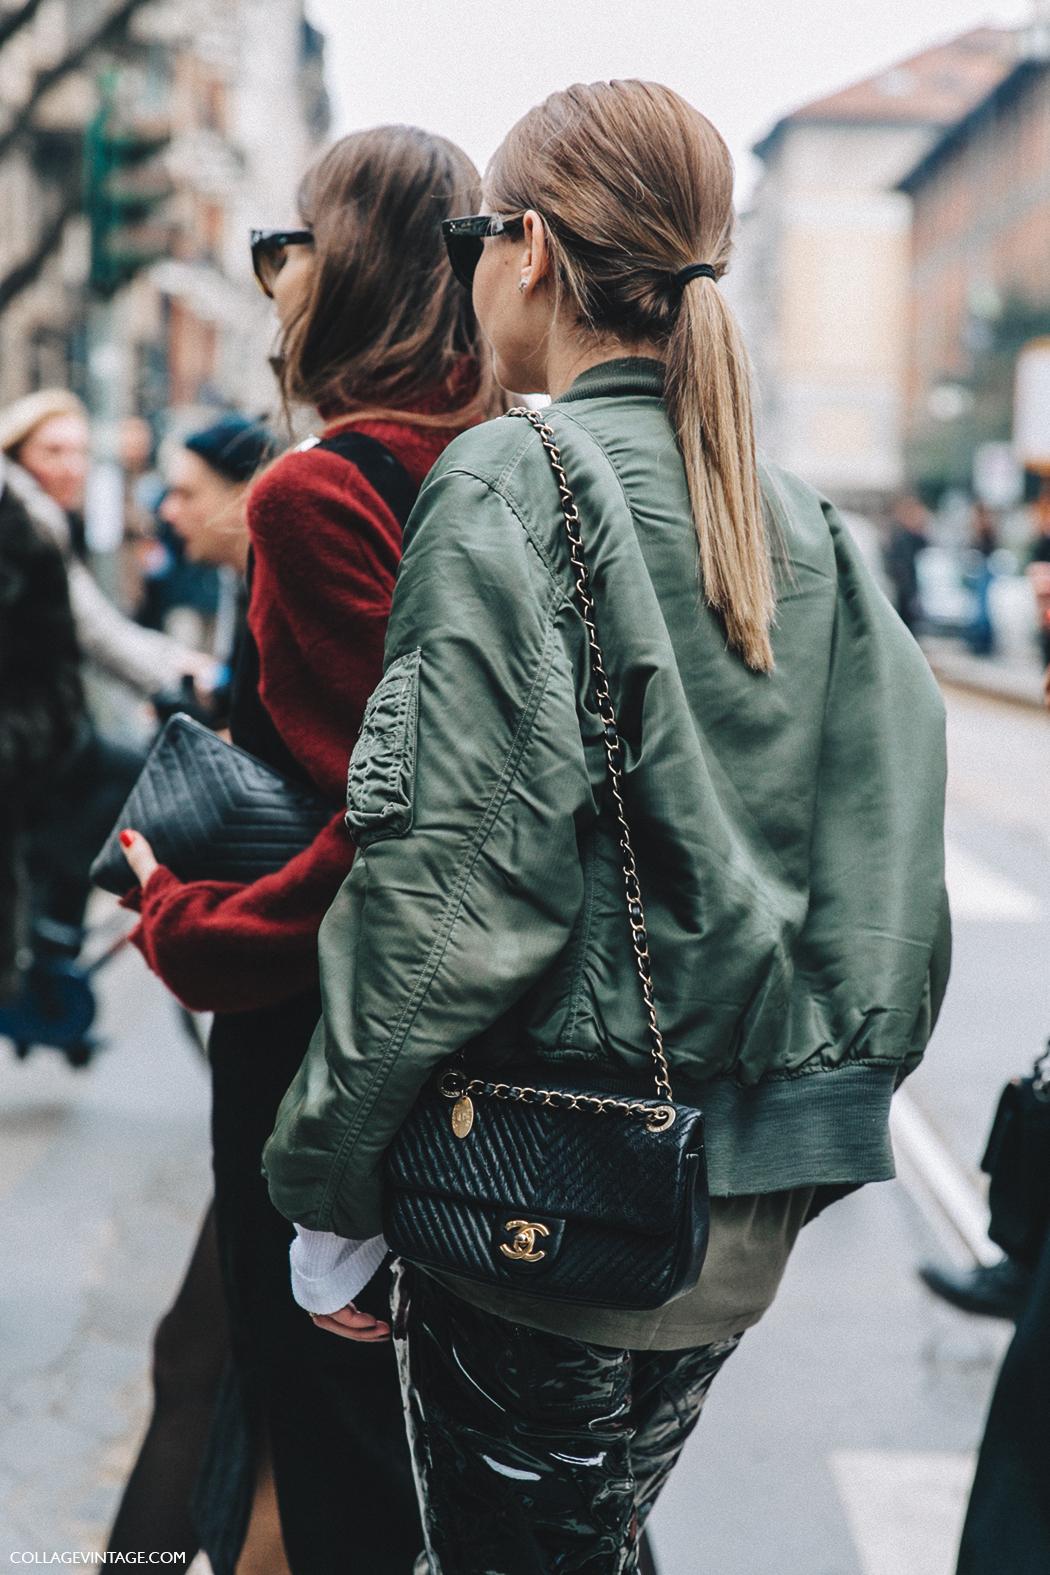 Chanel Bag Collage Vintage